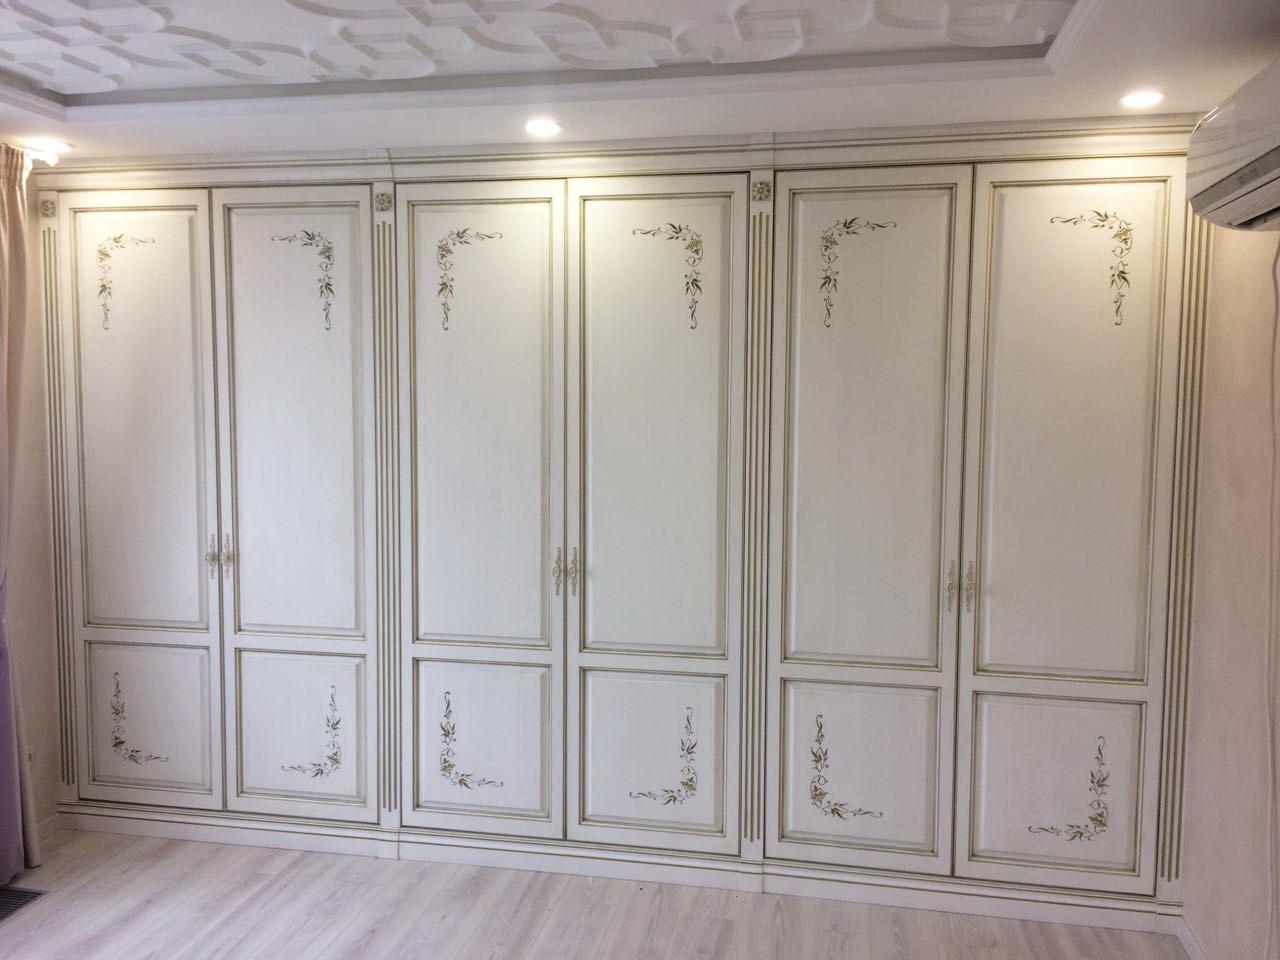 Распашной шкаф с росписью на фасаде